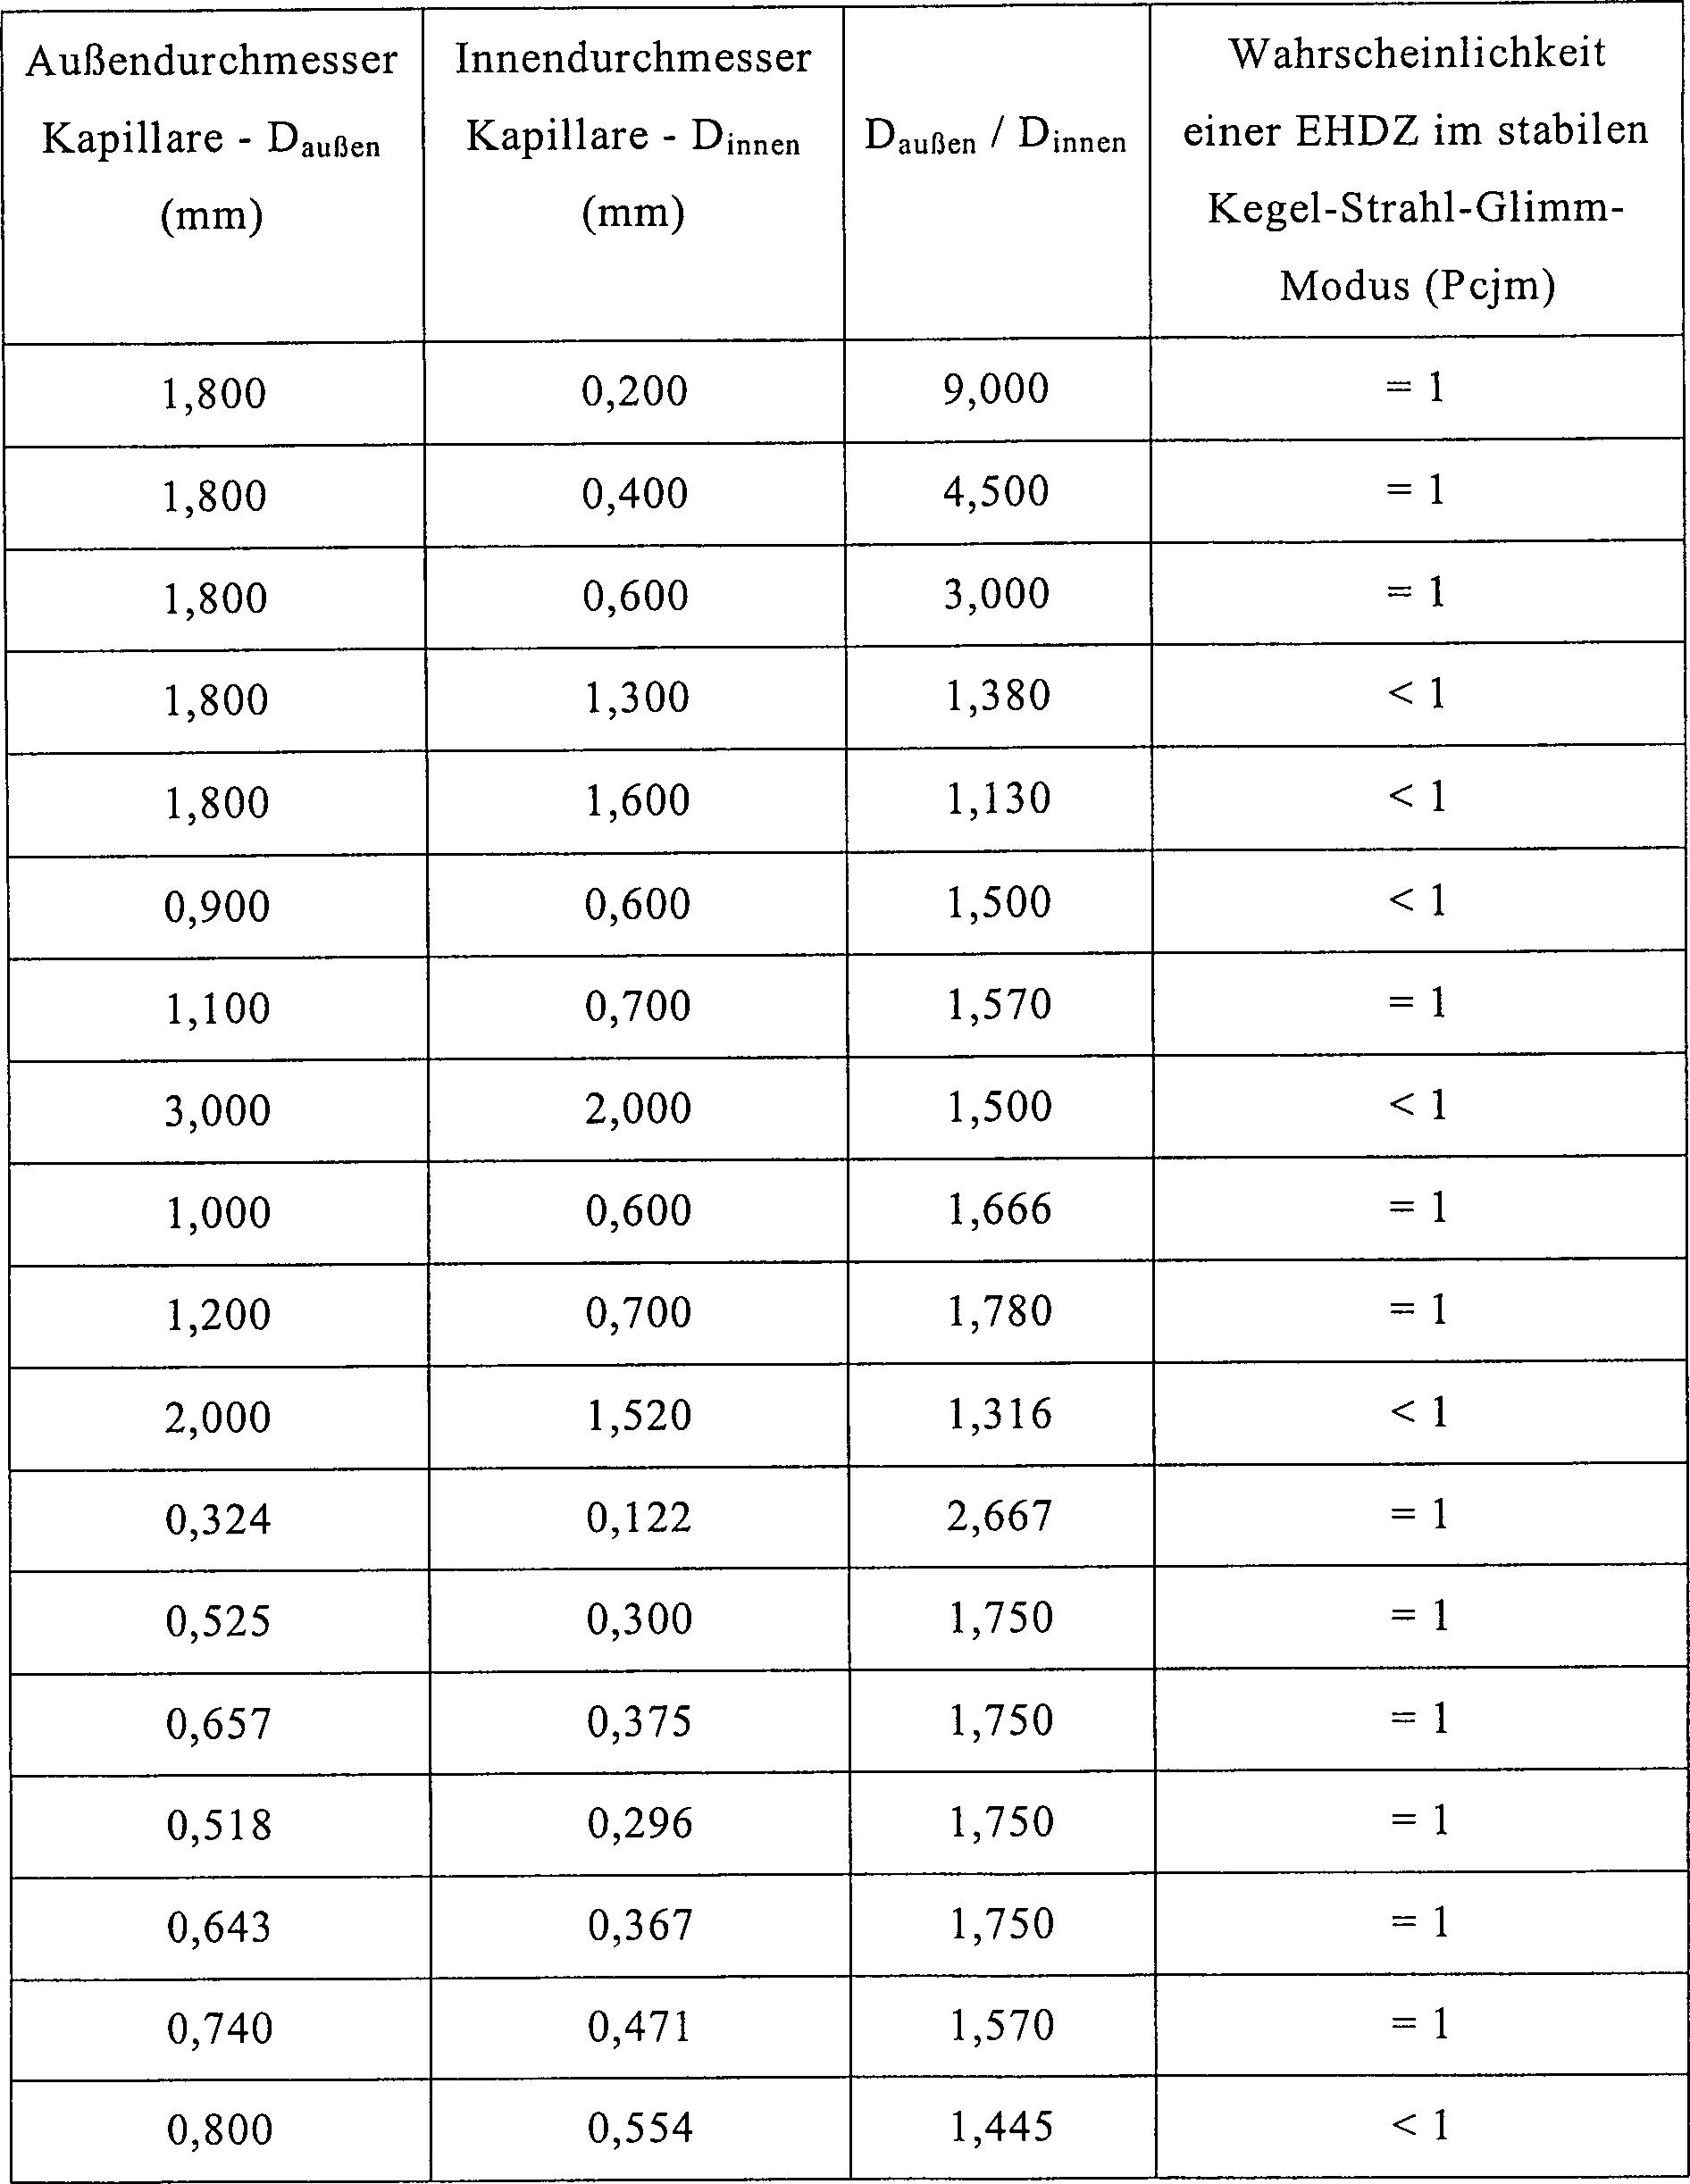 De69932042t2 Mittel Zur Elektrohyrodynamischen Zerstaubung Google Patents